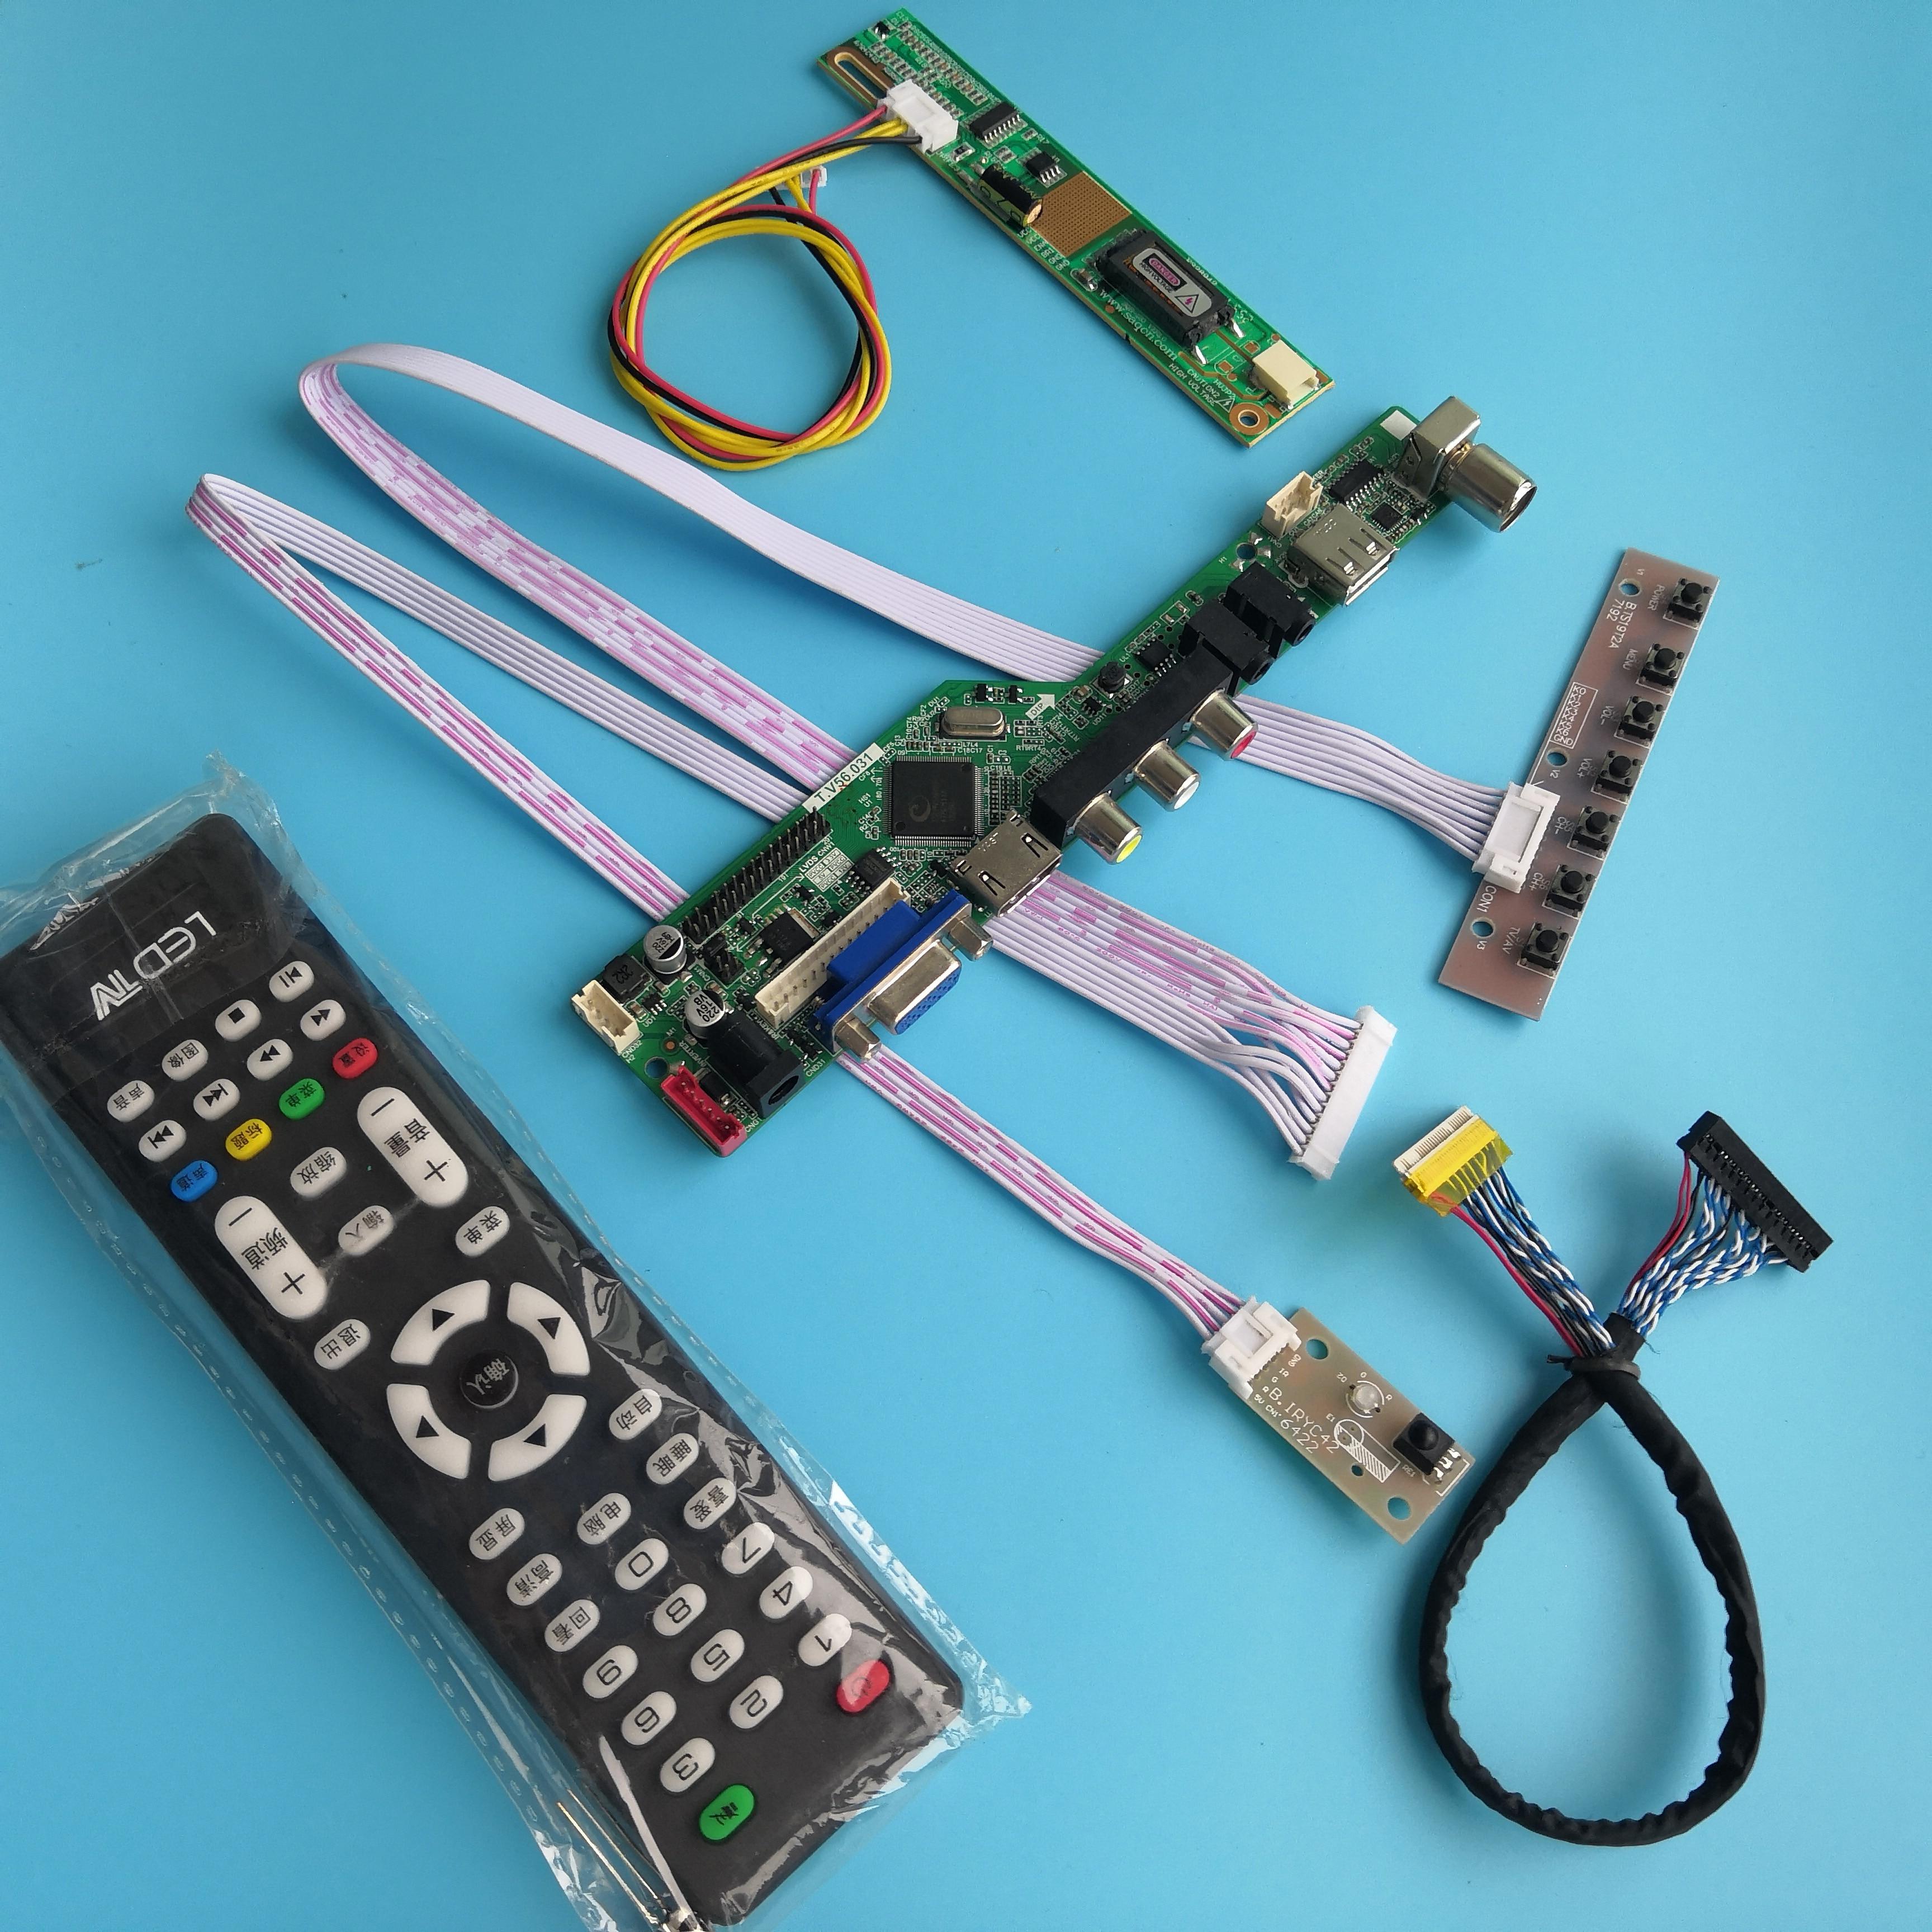 ل B170PW03 لوحة للقيادة USB 1 مصابيح إشارة رقمية VGA تحكم جديد 17